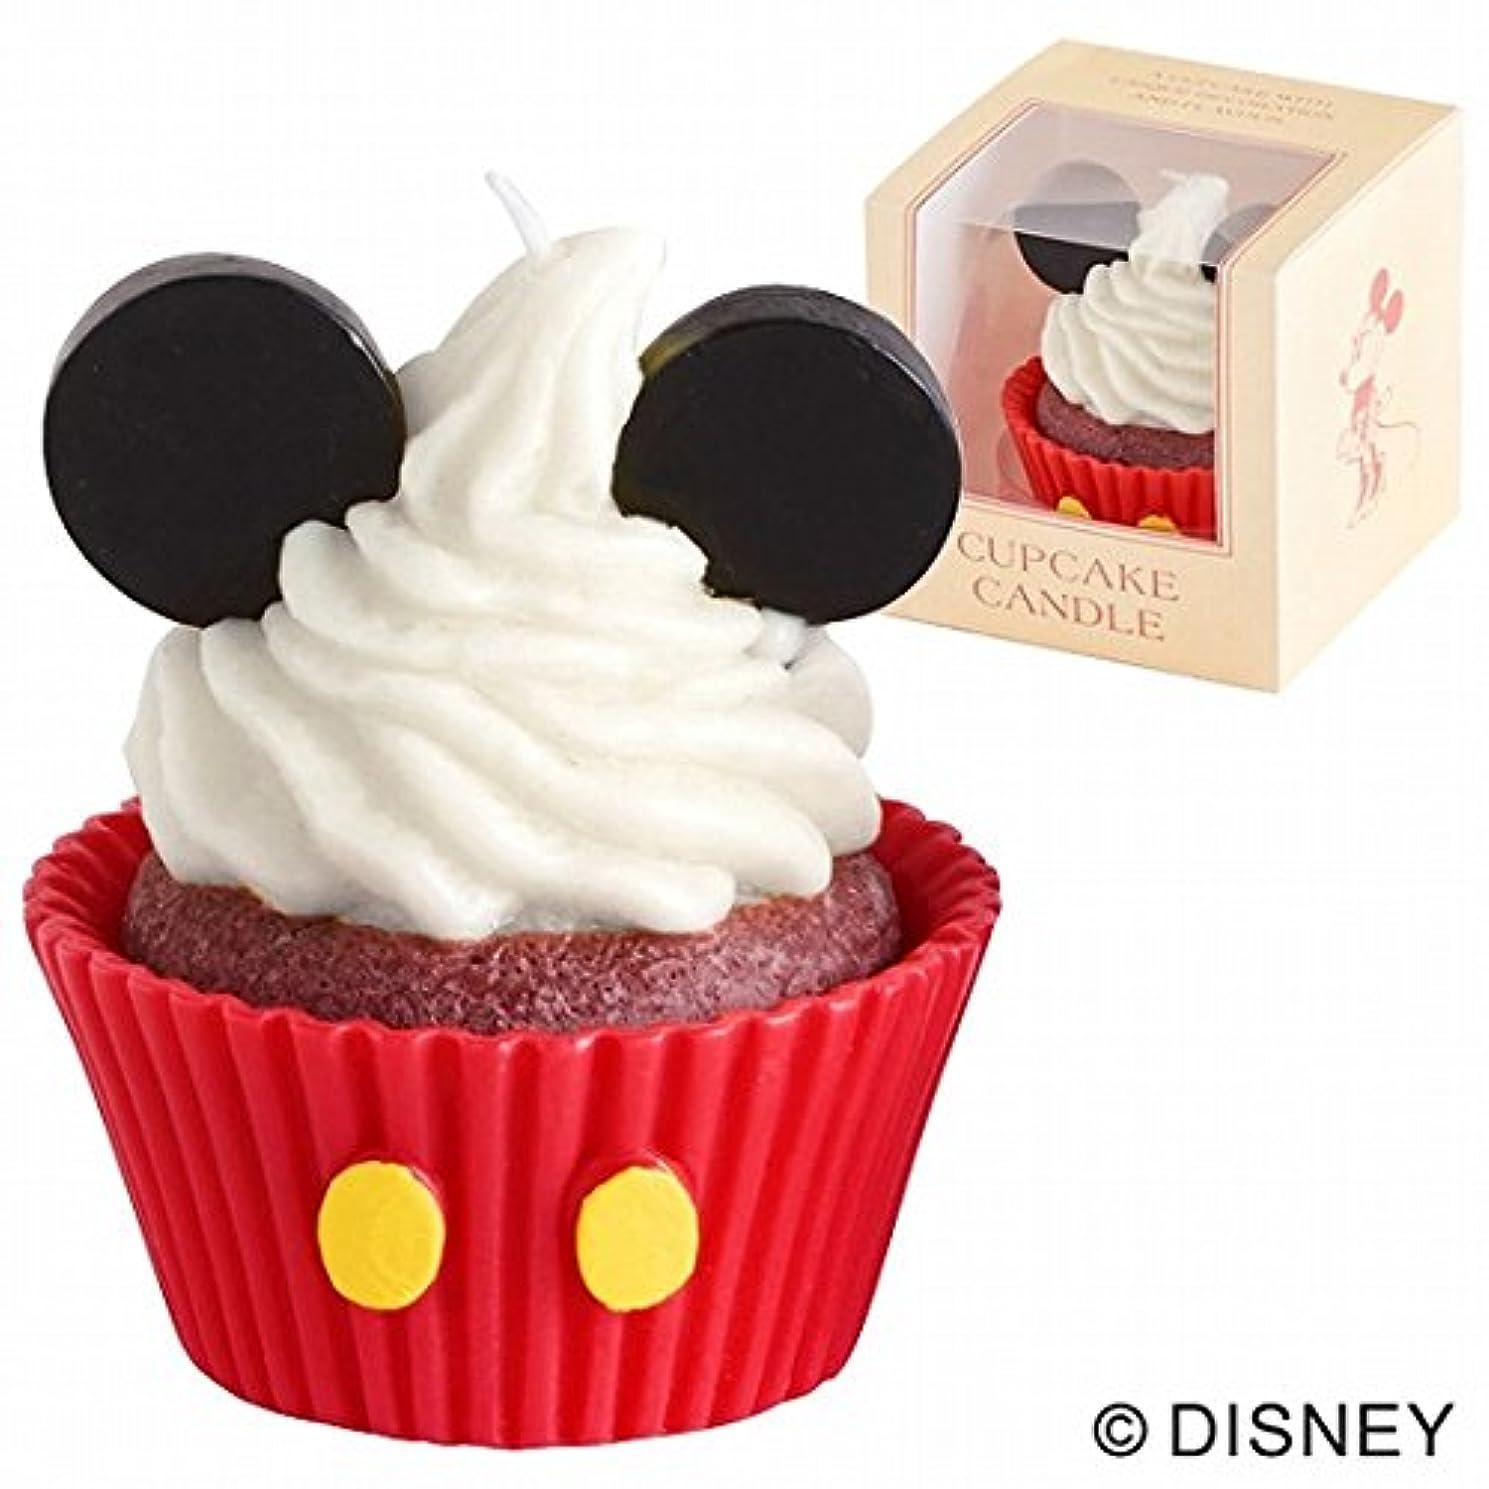 引数誘惑するフォーラムカメヤマキャンドル( kameyama candle ) ディズニーカップケーキキャンドル 「ミッキー」